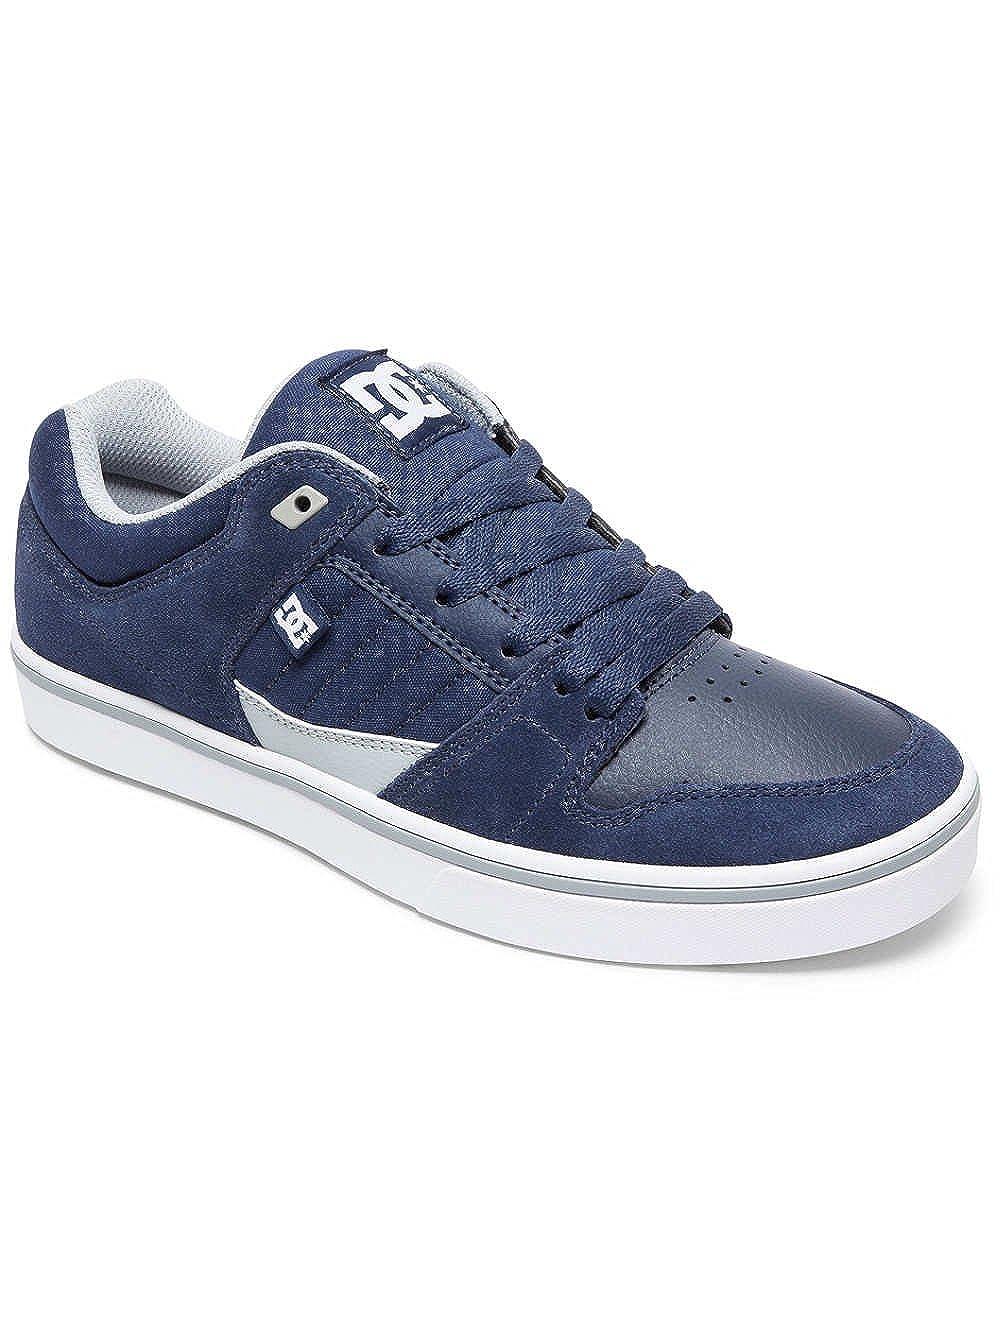 DC scarpe Course 2 M, Low-Top scarpe scarpe scarpe da ginnastica Uomo B07DHTXHZJ 46 EU Navy blu bianca | Economico  | flagship store  | Di Alta Qualità E Low Overhead  | Prezzo di liquidazione  | I Consumatori In Primo Luogo  | economia  d11181